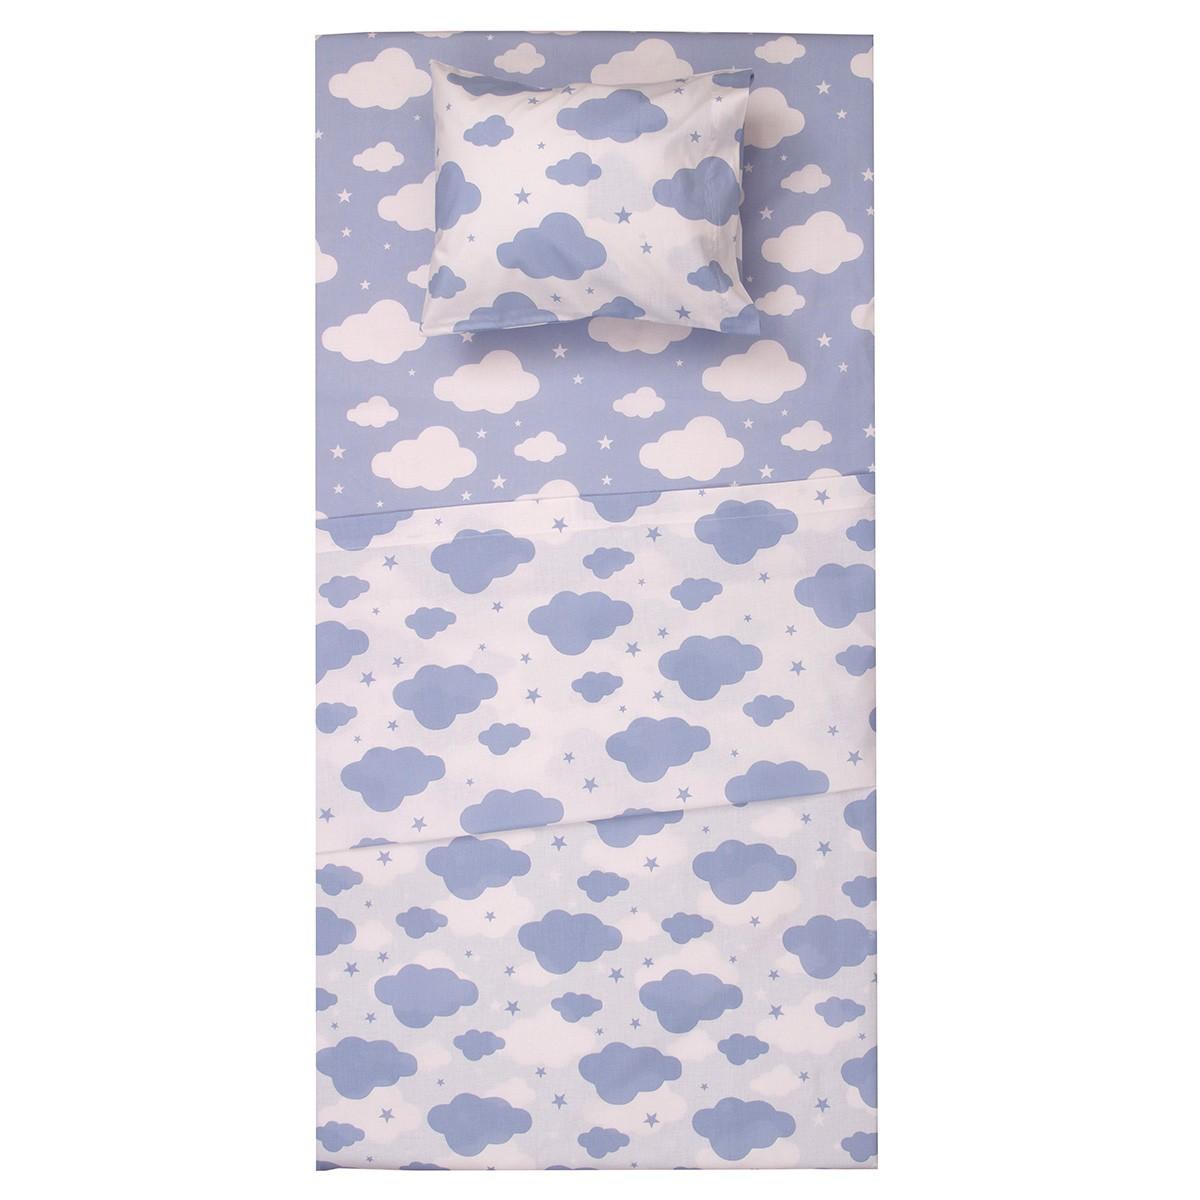 Σεντόνια Λίκνου (Σετ) Viopros Baby Συννεφάκια Μπλε